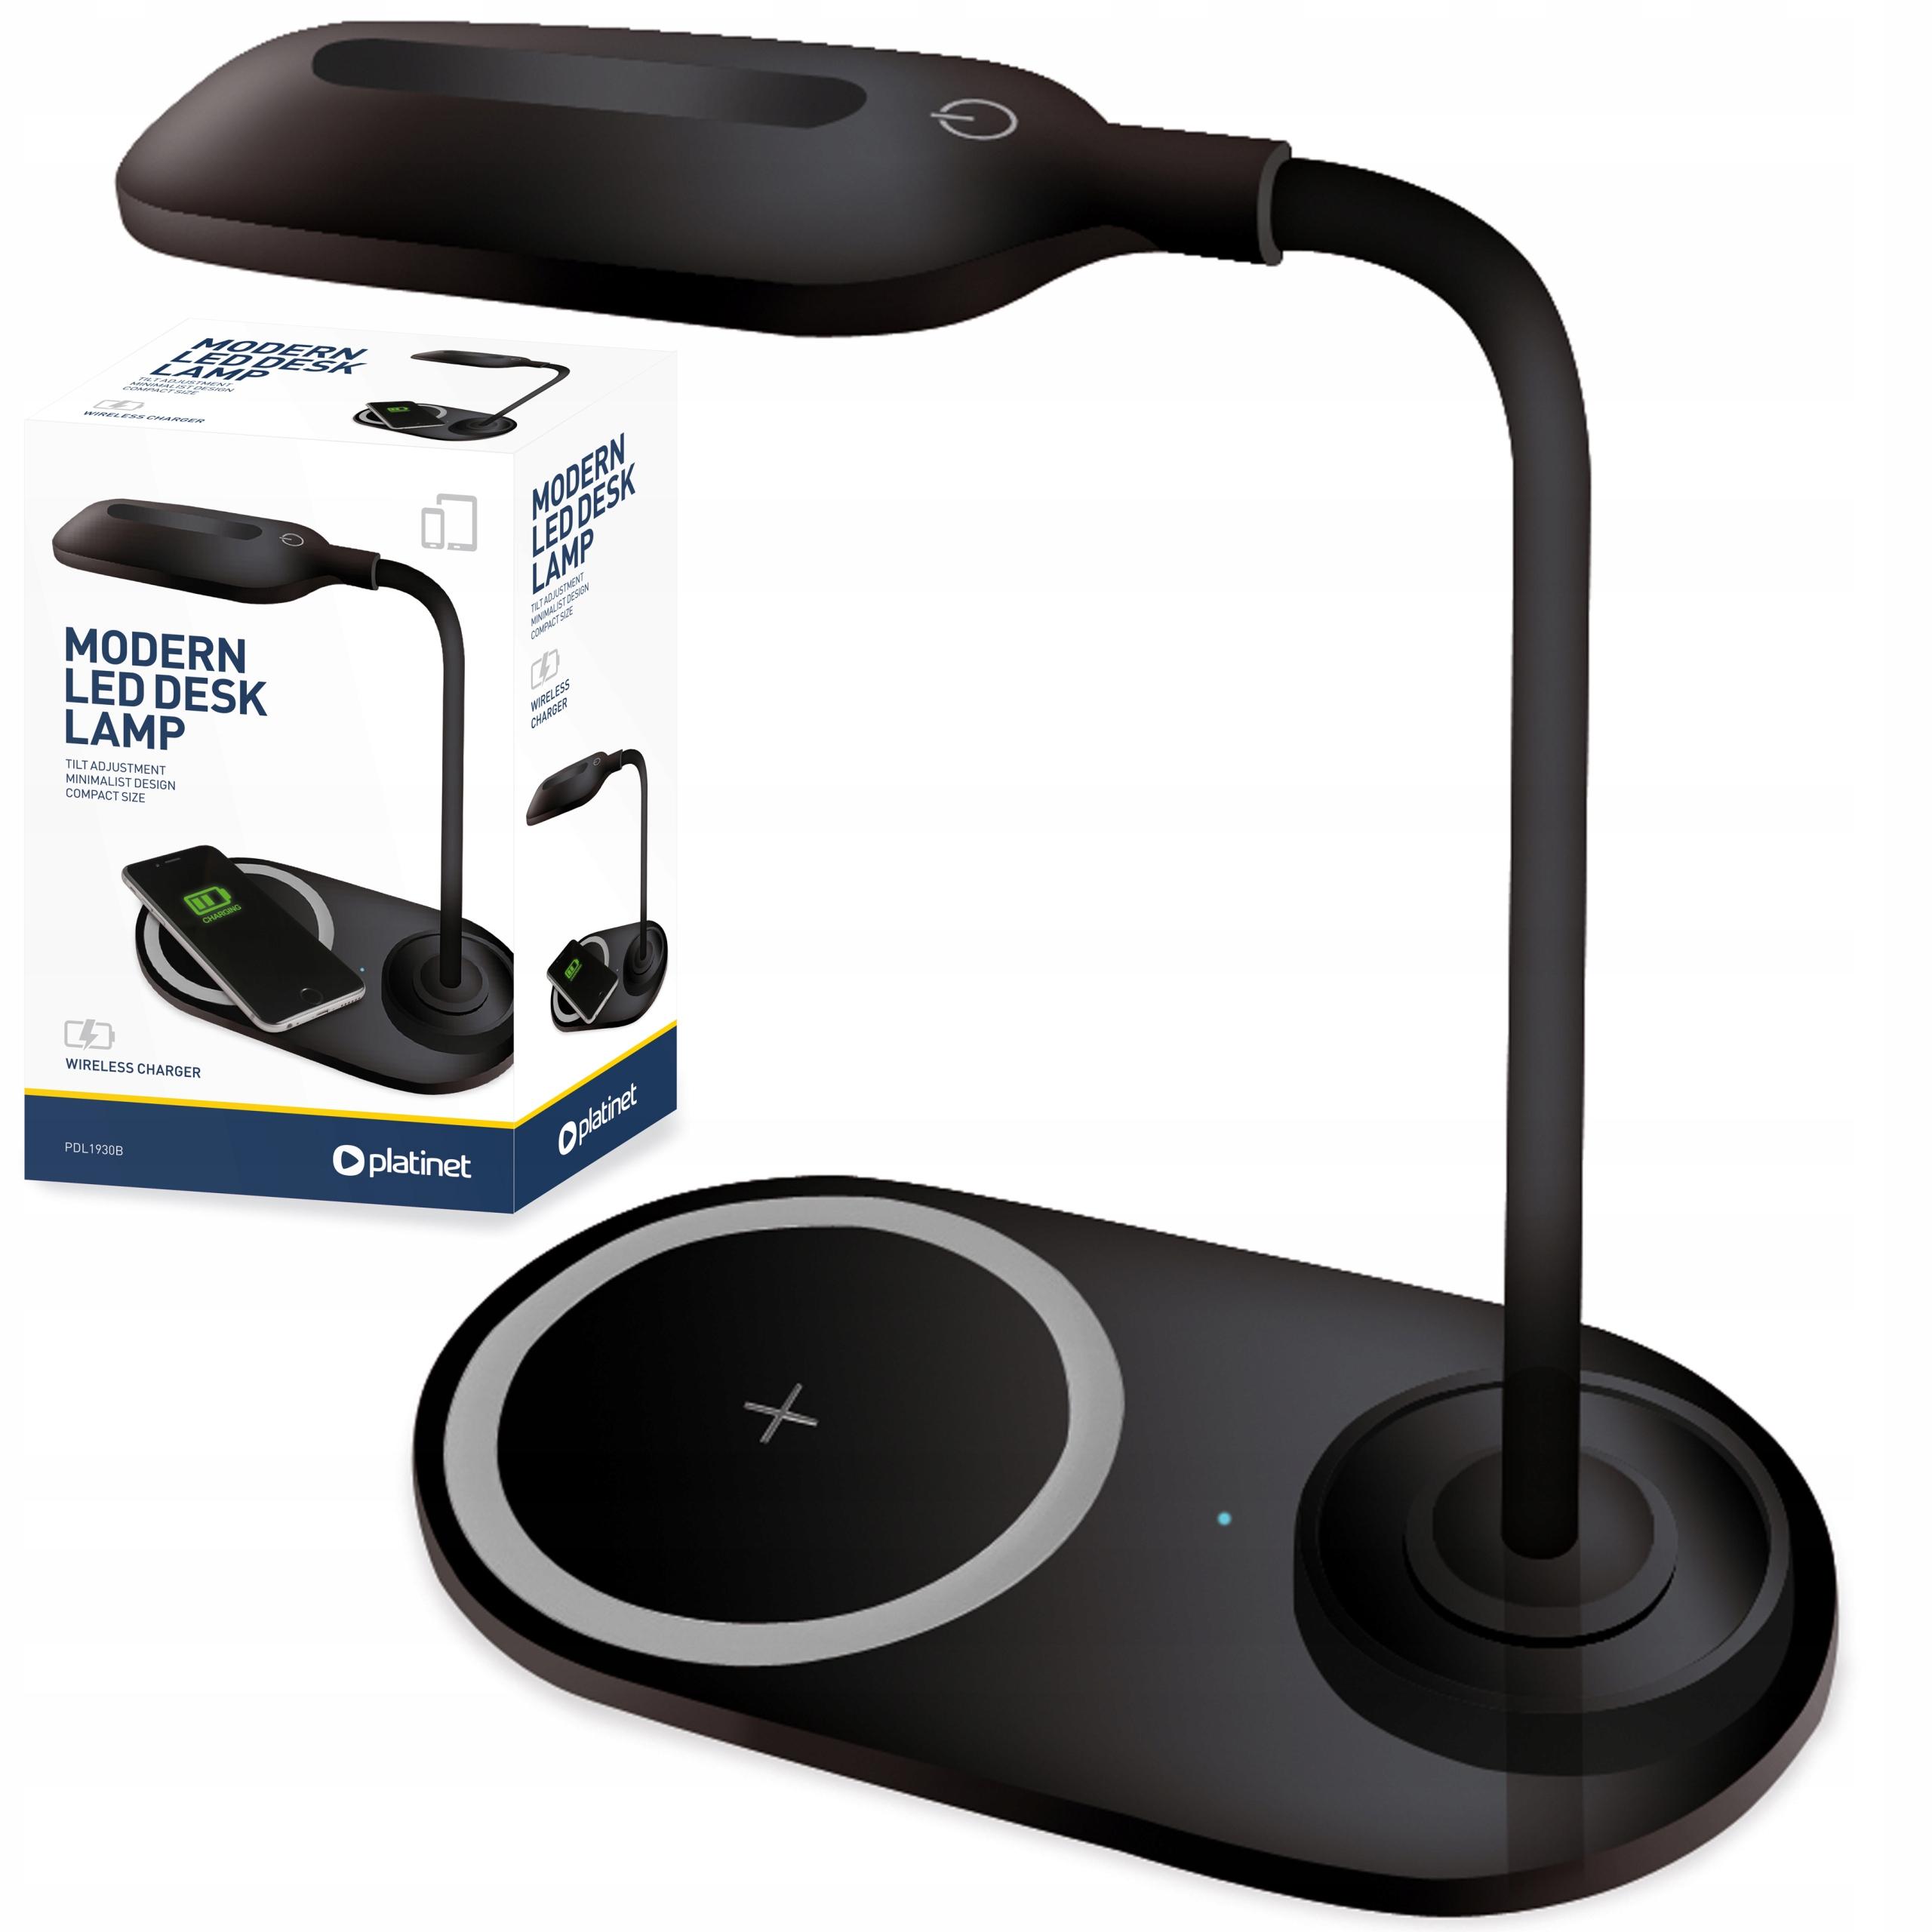 Lampa biurkowa LED z ładowarka indukcyjna QI 5V 1A